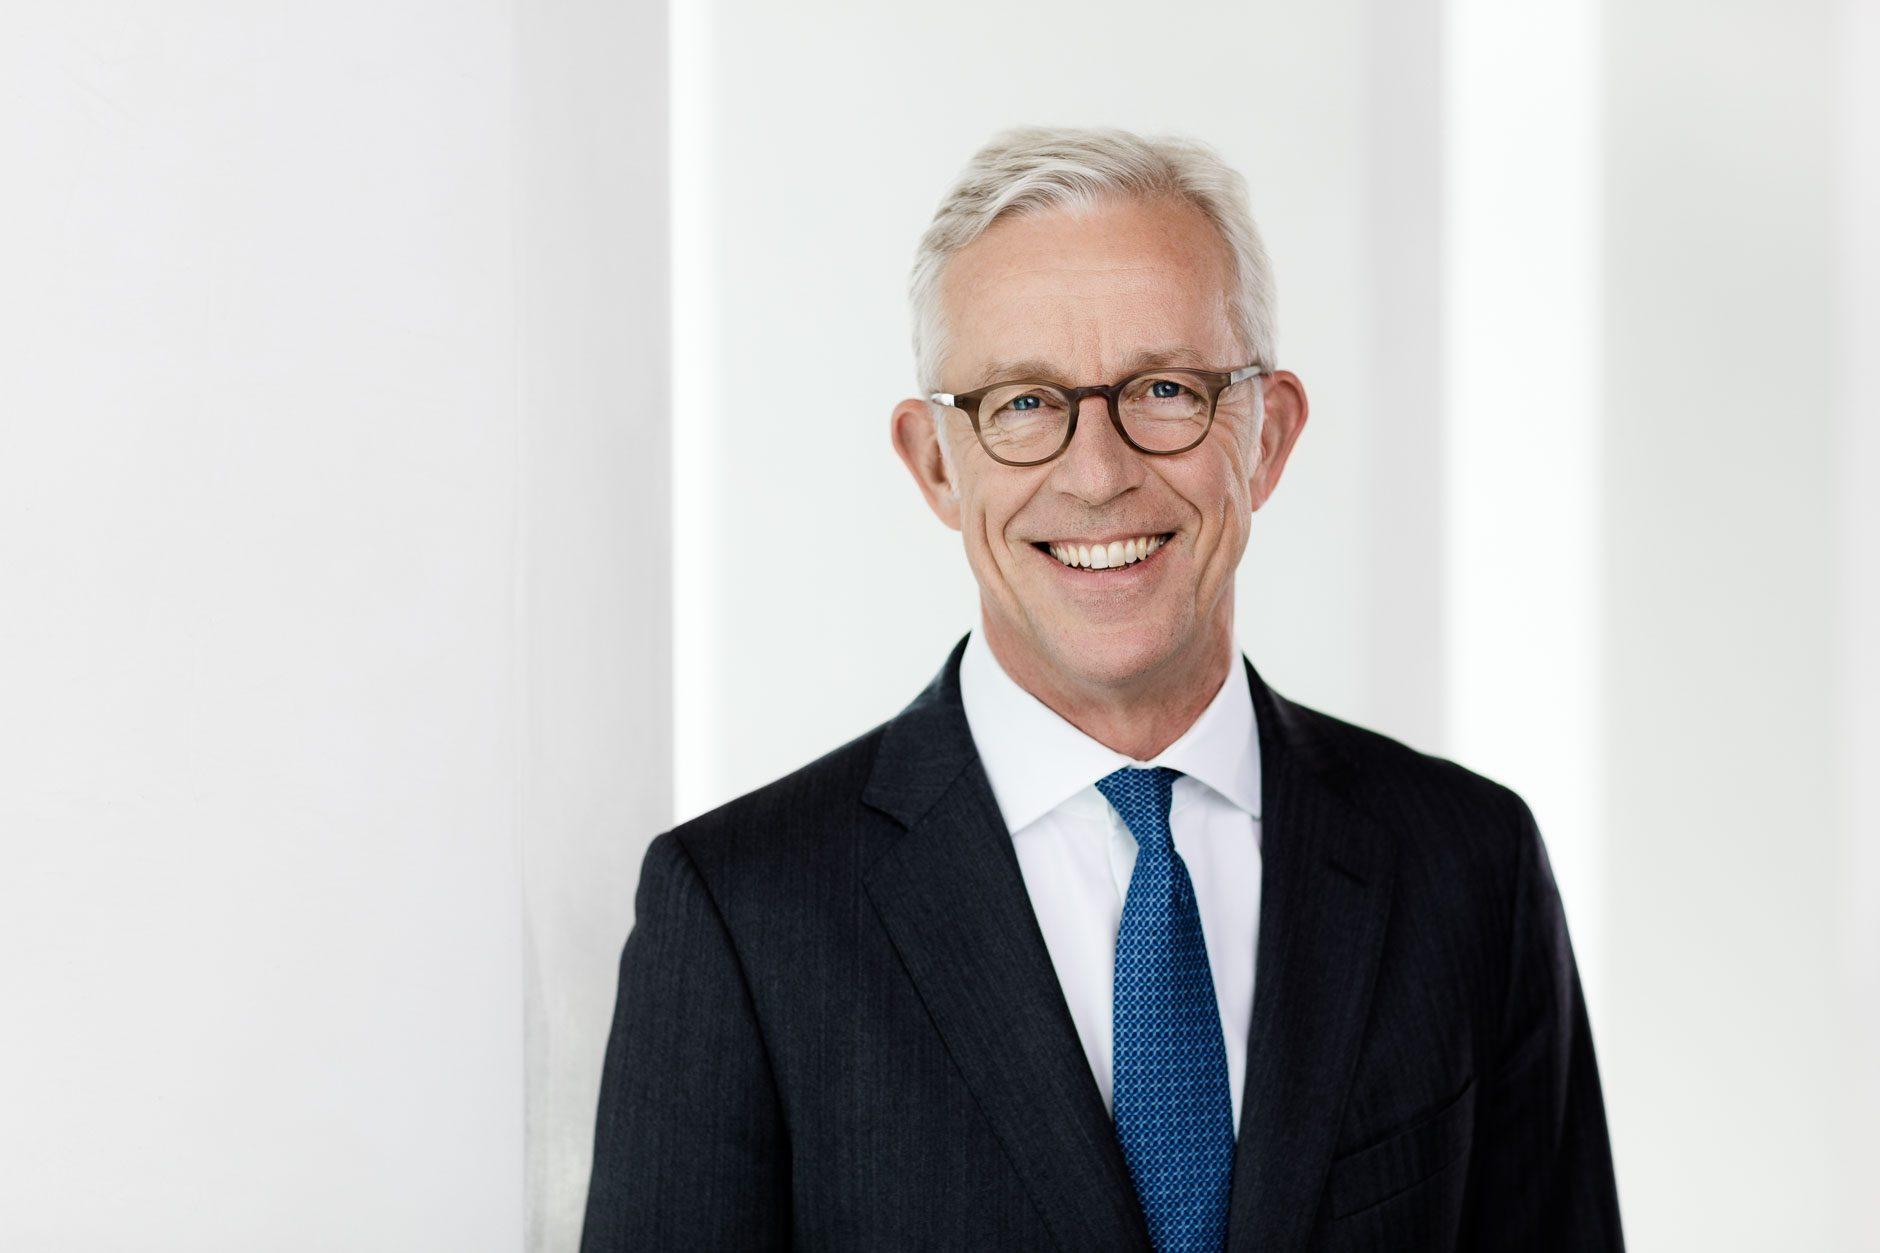 Businessporträt Karl von Rohr, Vorstand Deutsche Bank AG